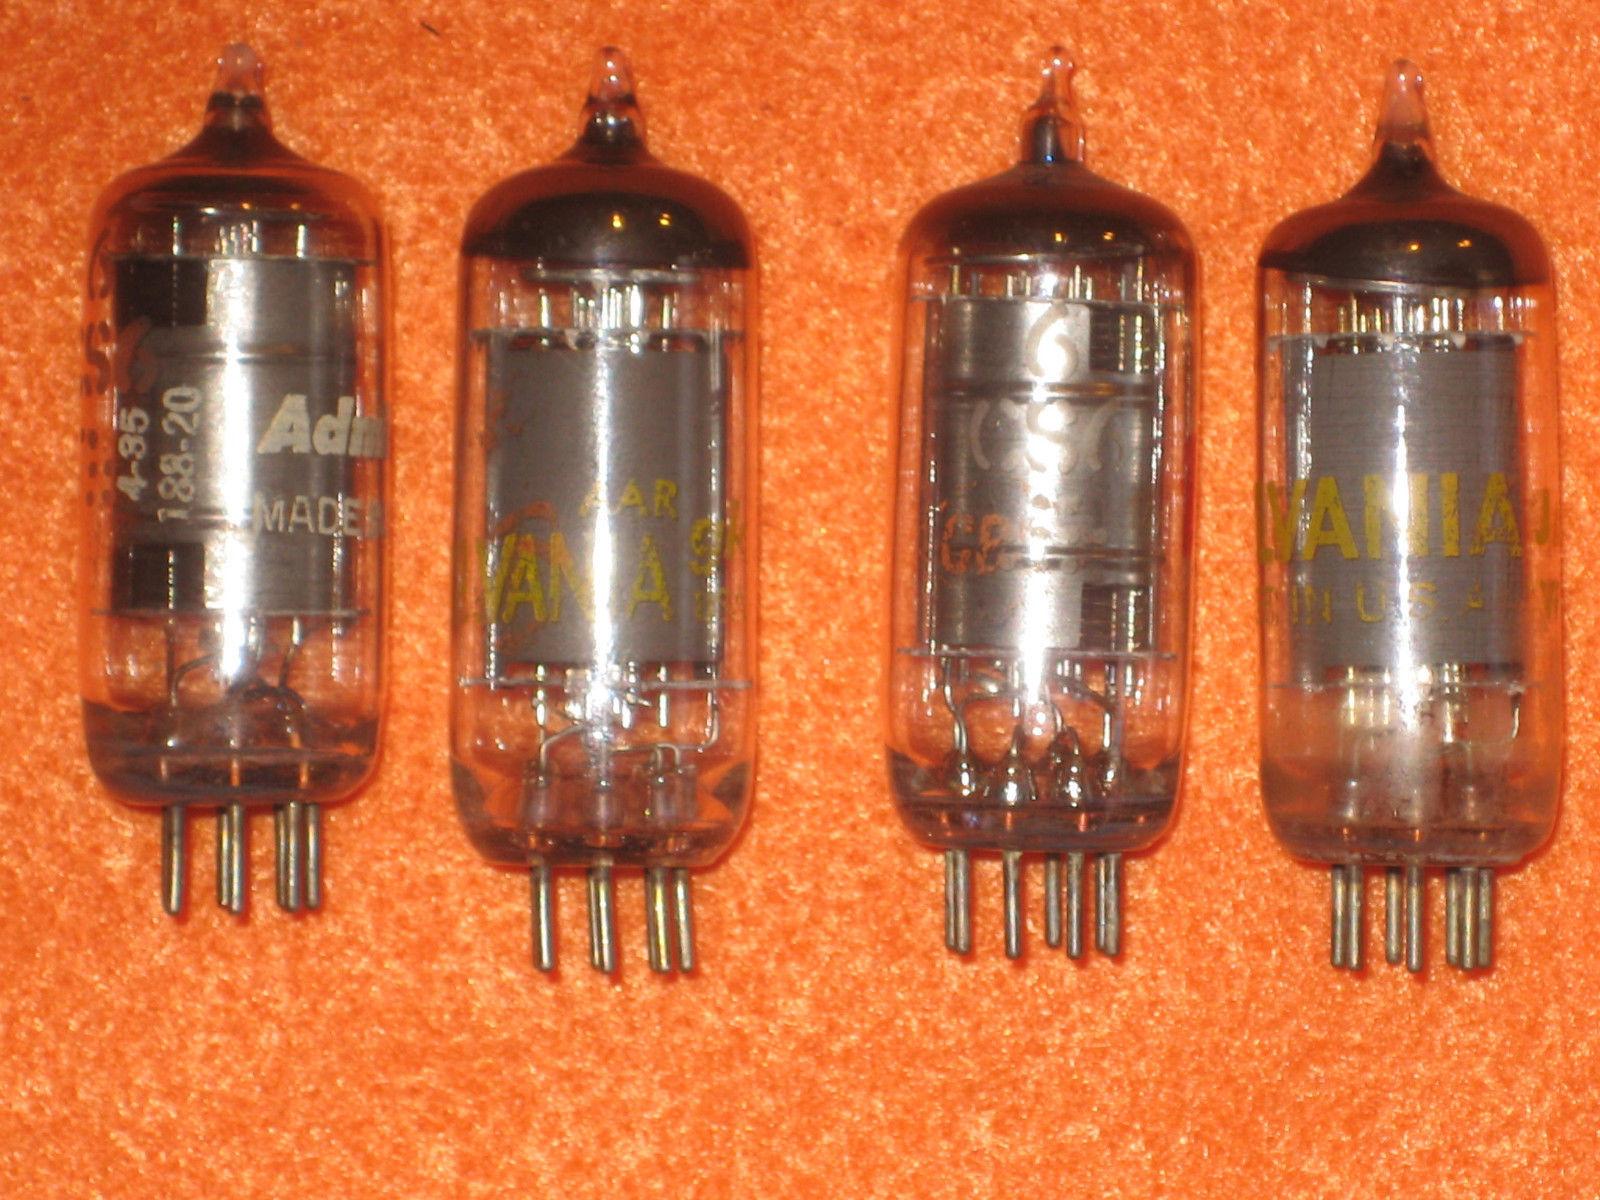 Vintage Radio Vacuum Tube (one): 6CS6 - Tested Good